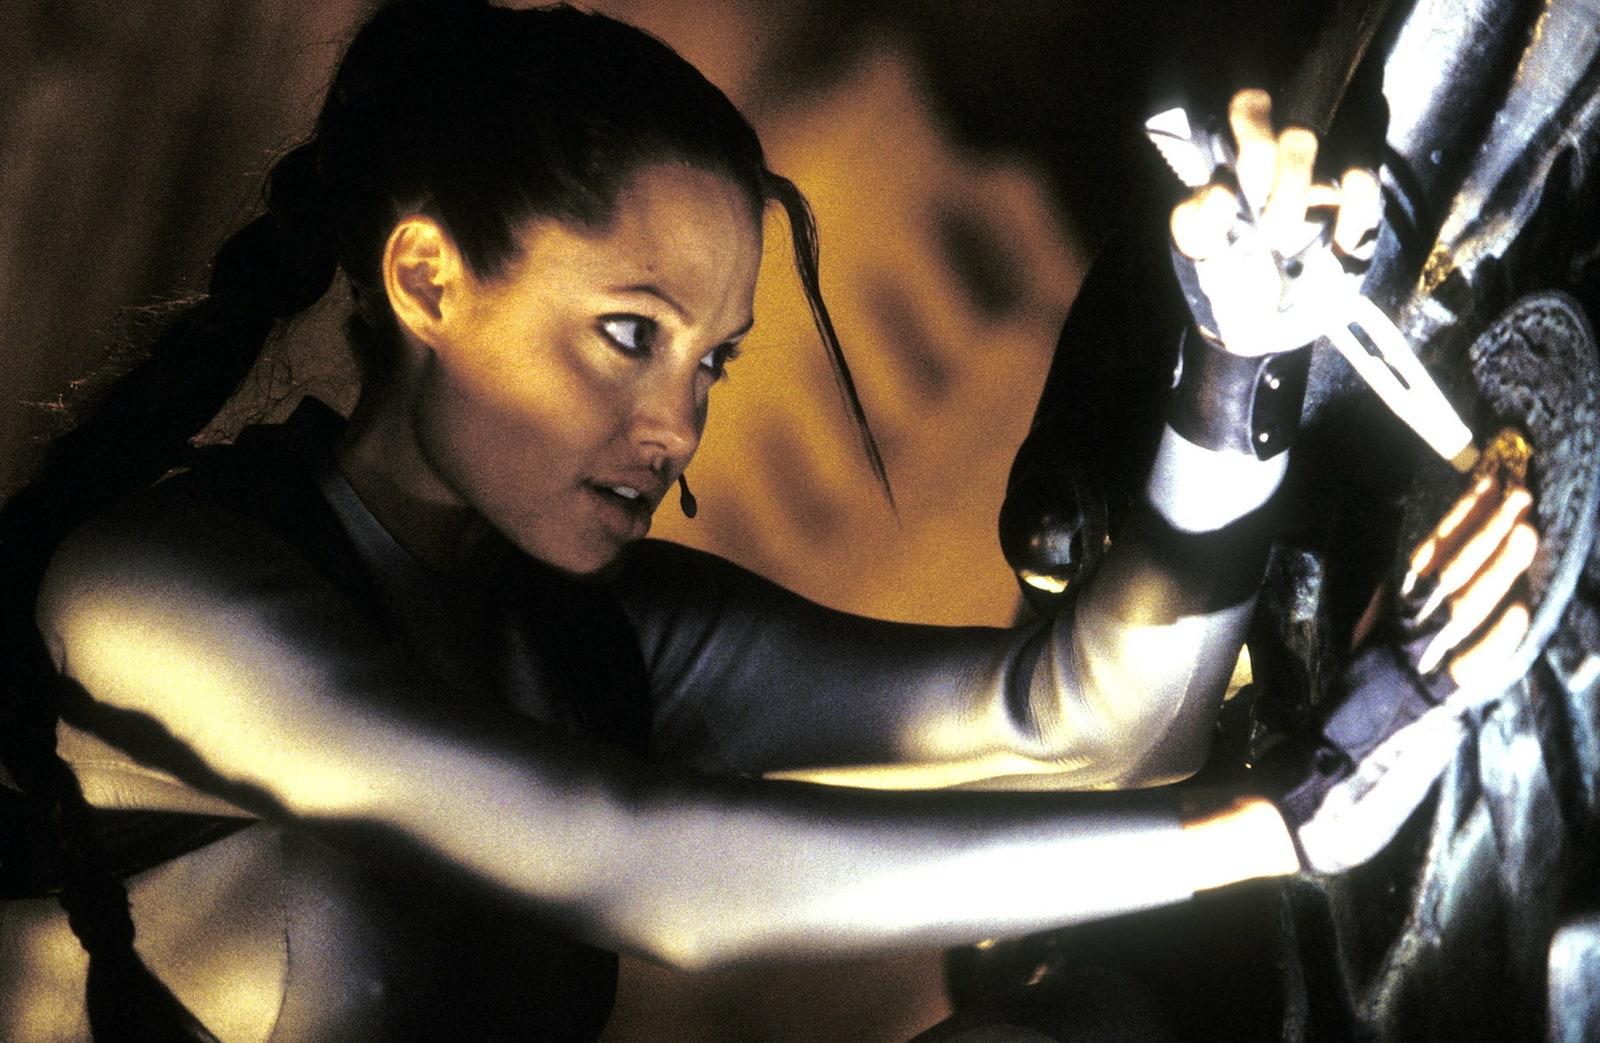 รีวิวเรื่อง Lara Croft Tomb Raider: The Cradle of Life (2003)